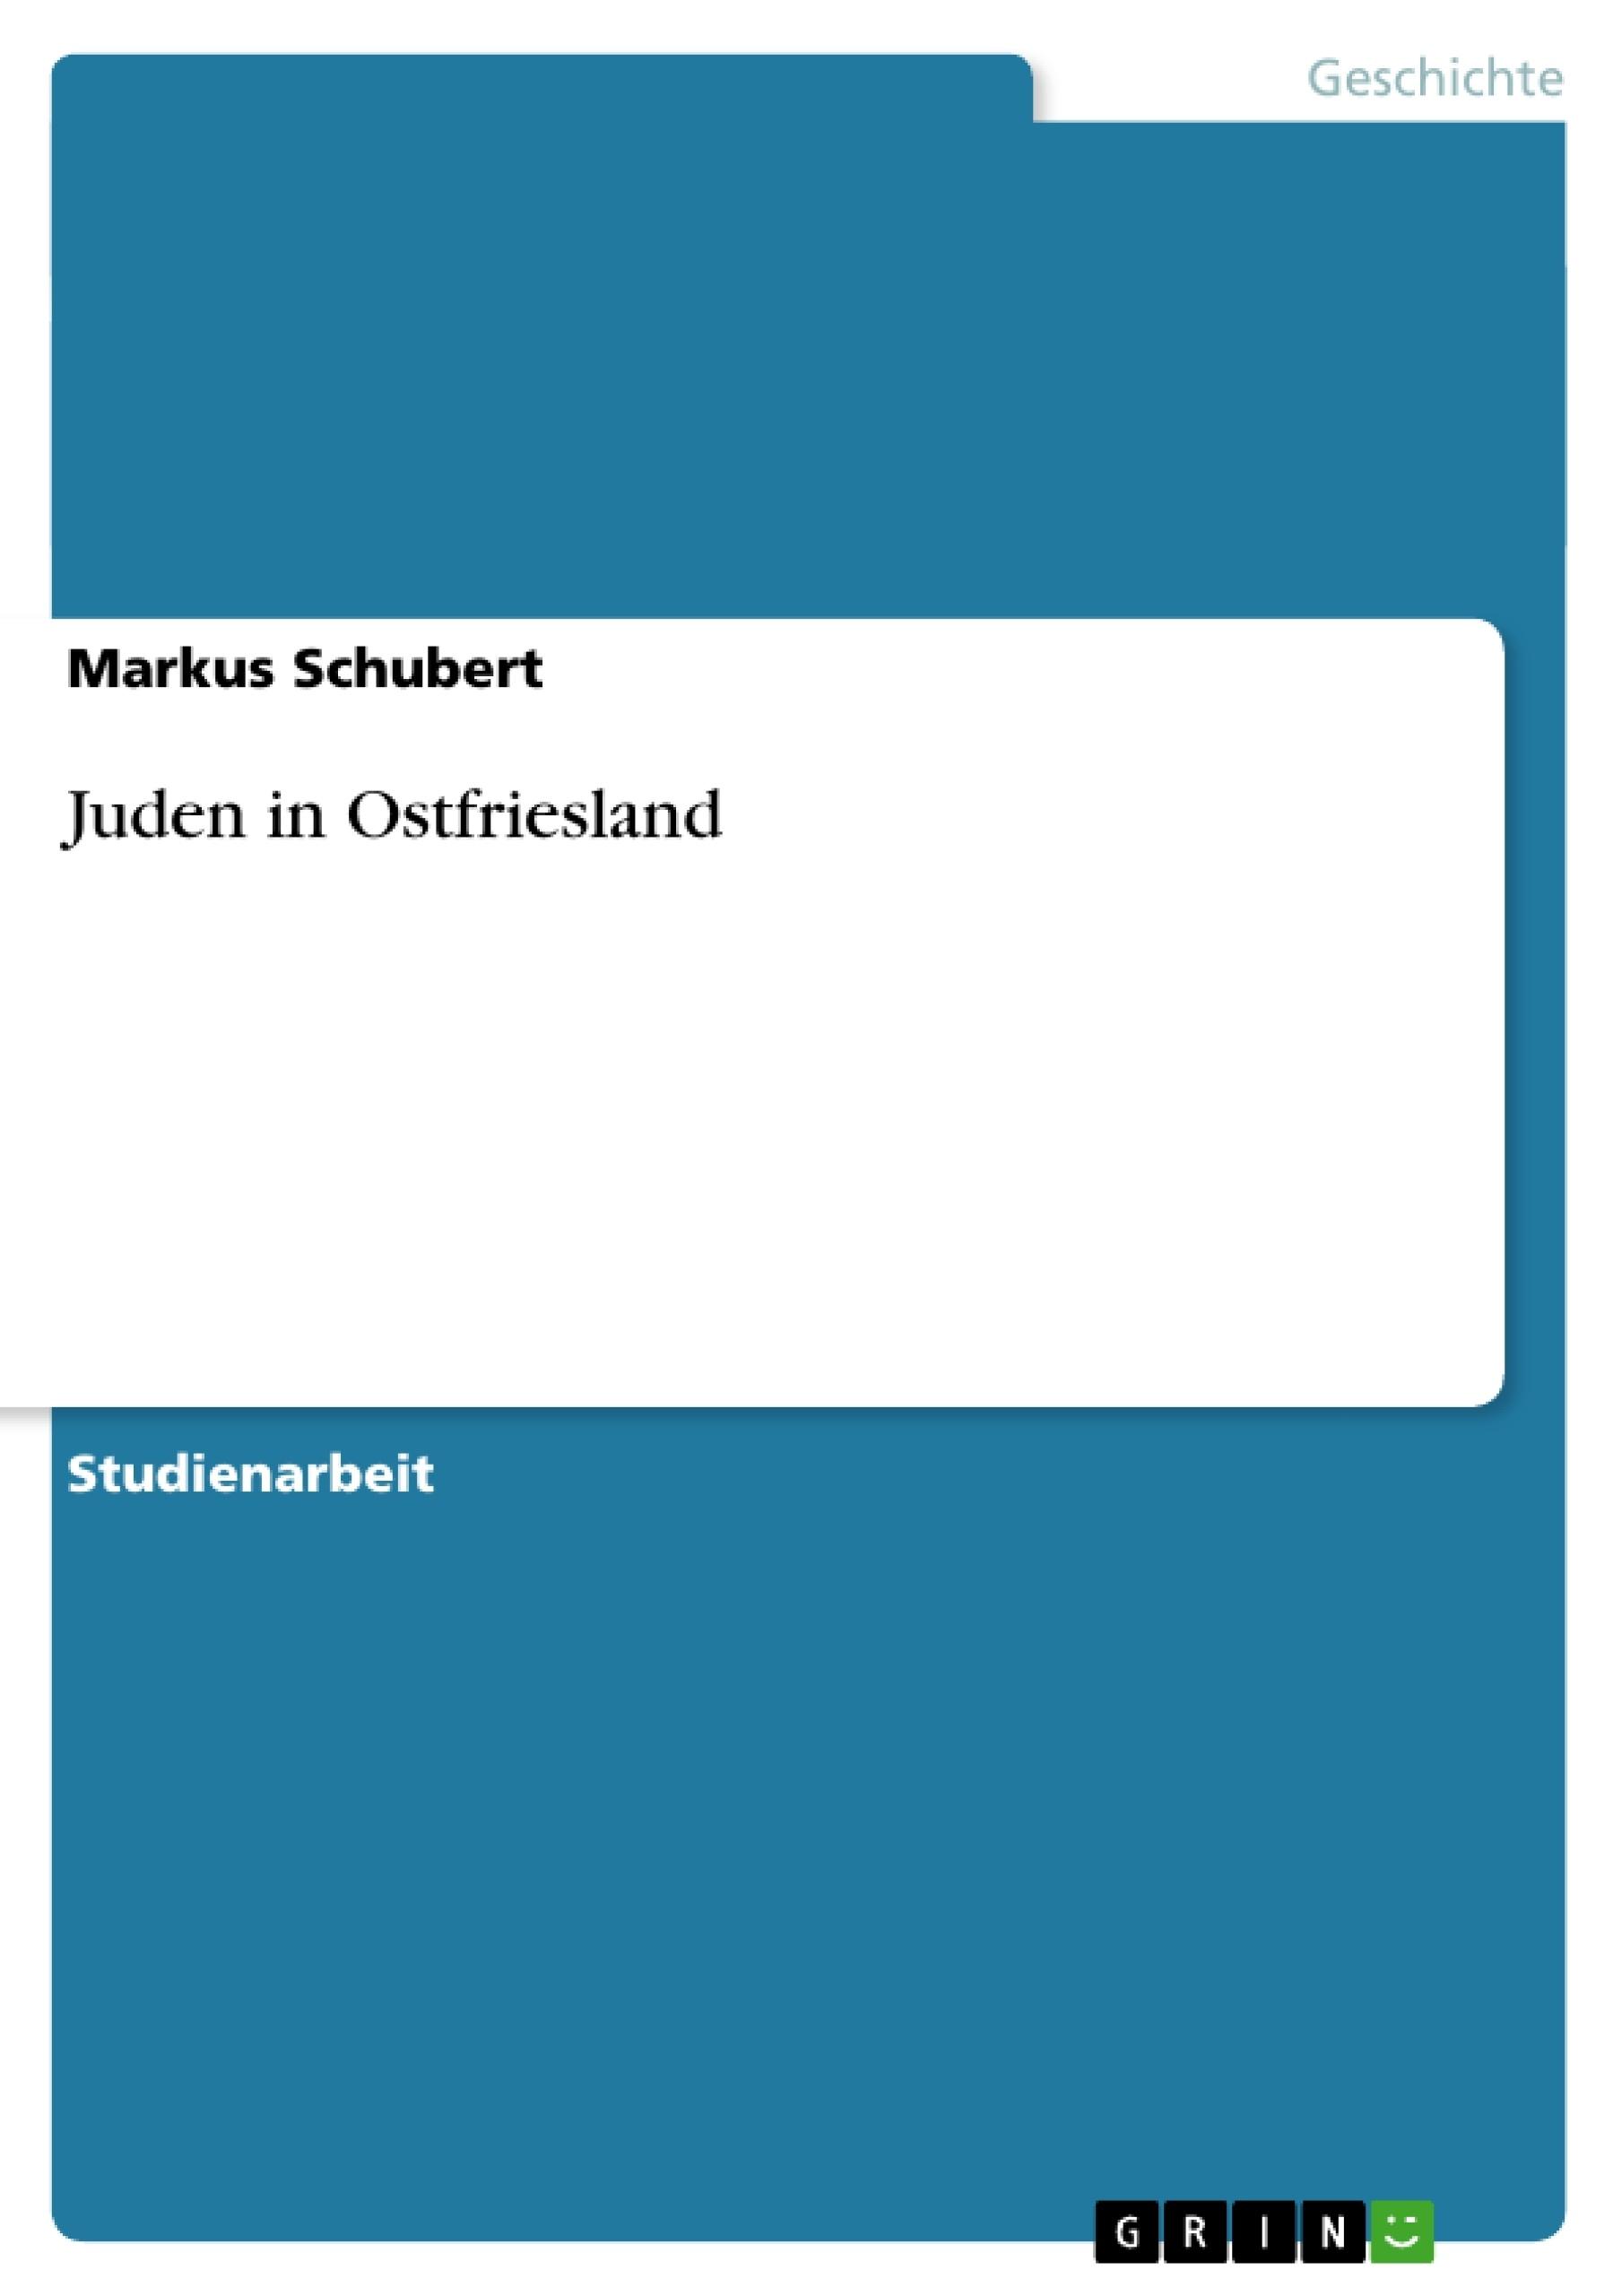 Titel: Juden in Ostfriesland